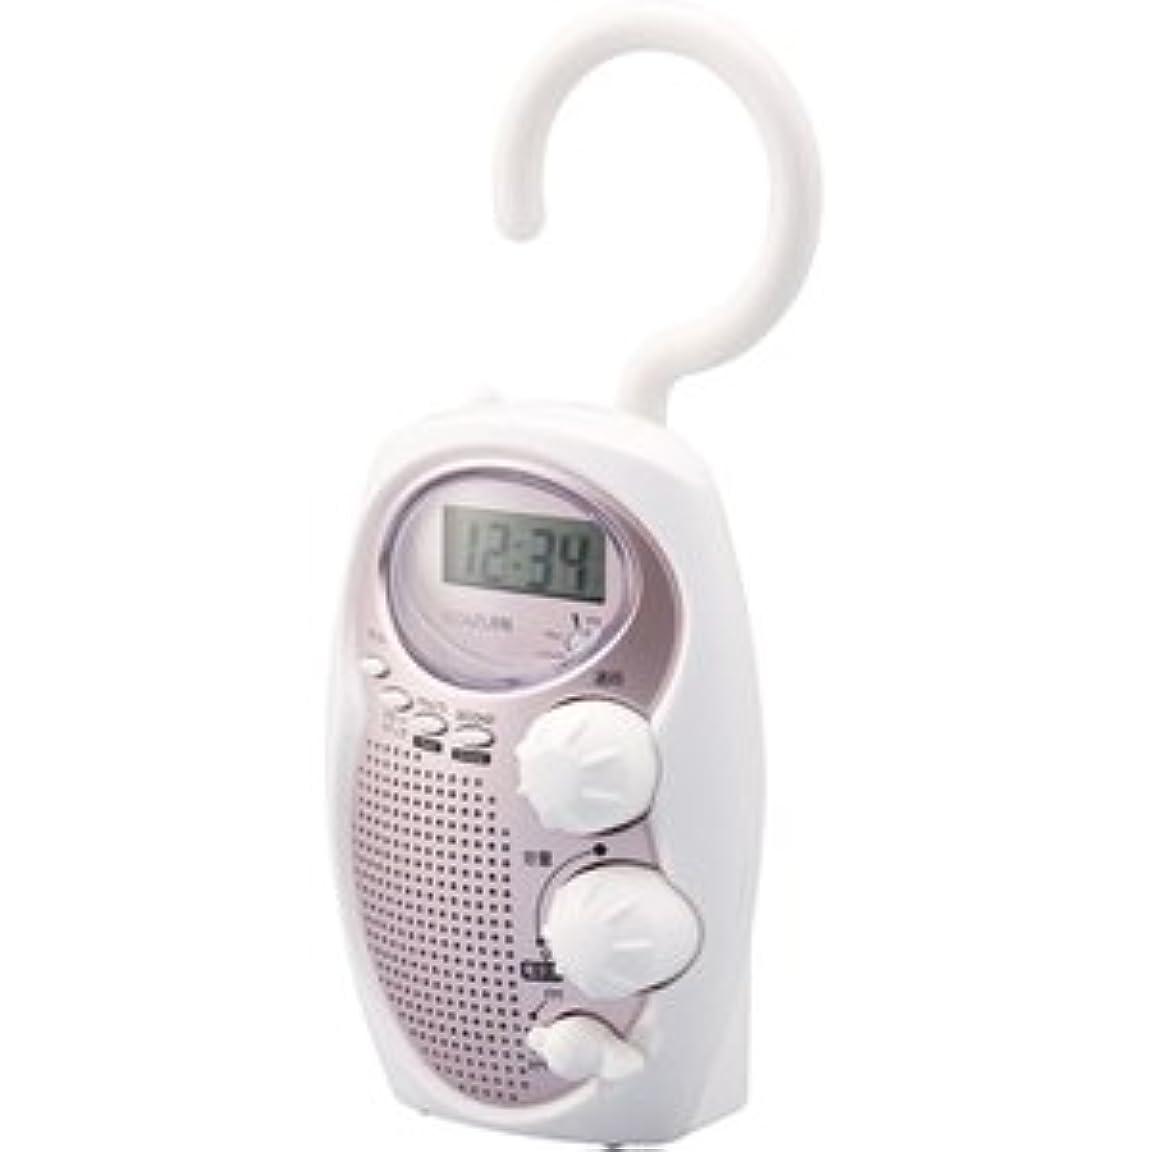 寝室キッチンシルエットコイズミ ラジオ SAD-7713/P [ピンク]